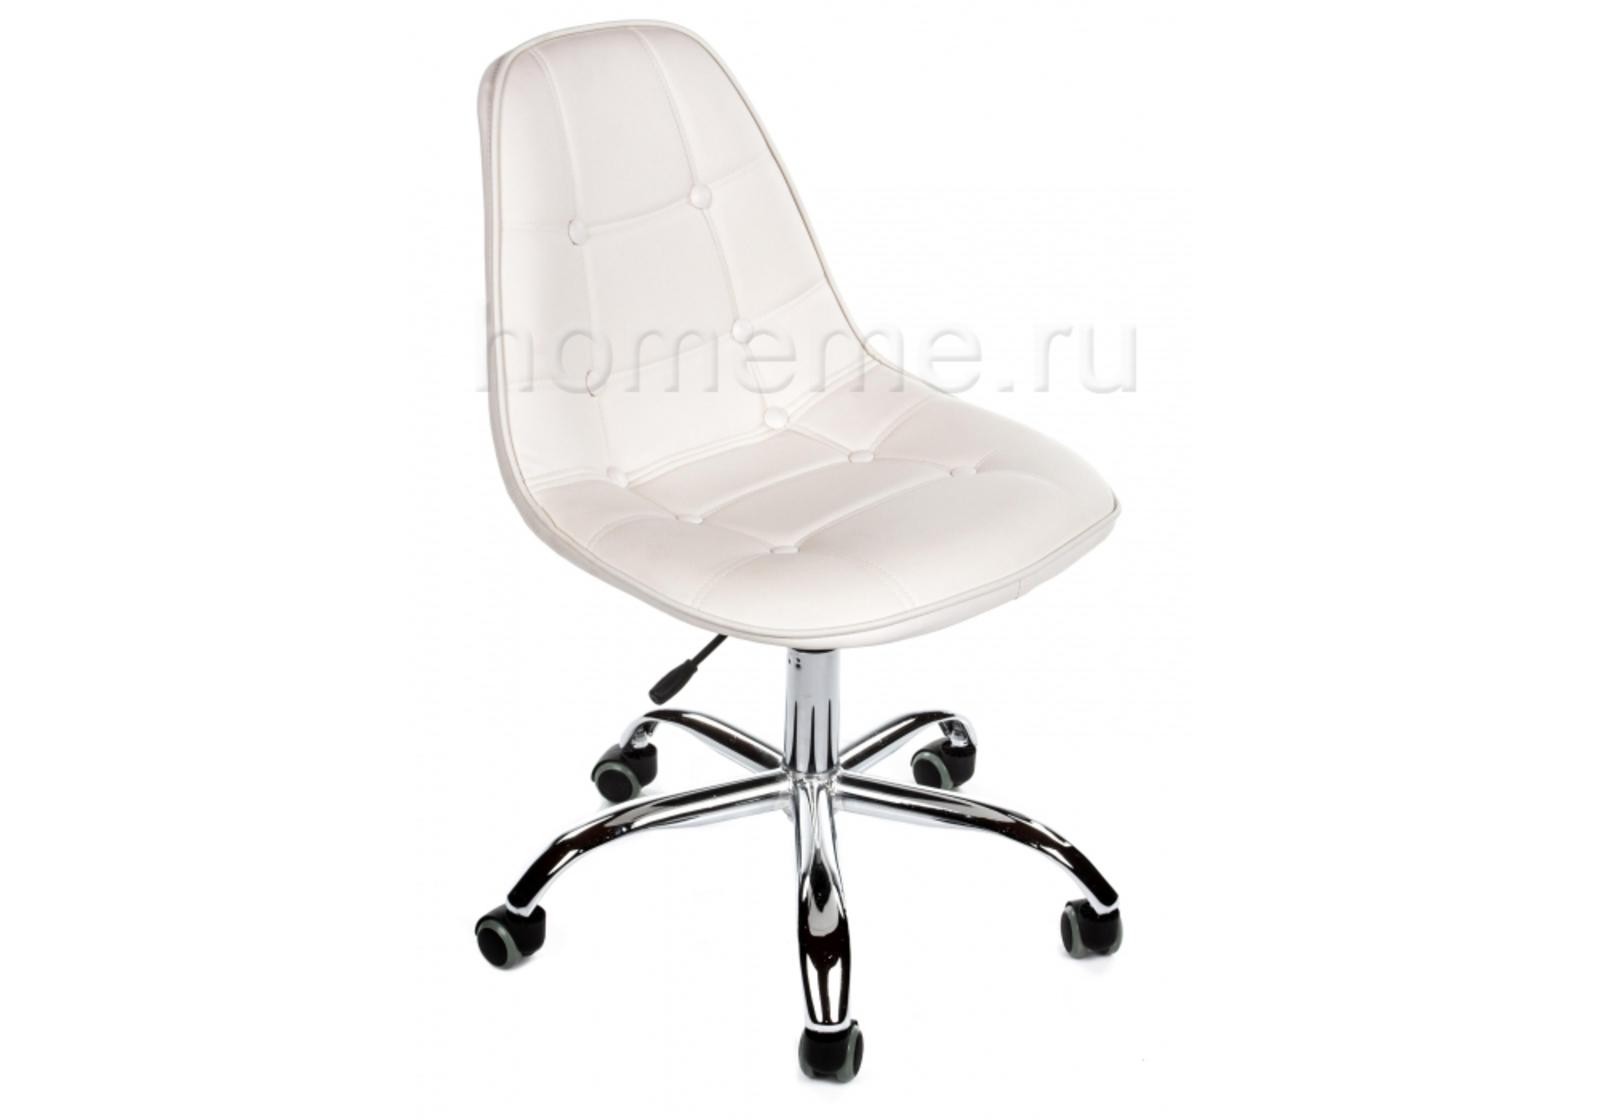 Кресло для офиса HomeMe PC-306 на колесах белый 1356 от Homeme.ru